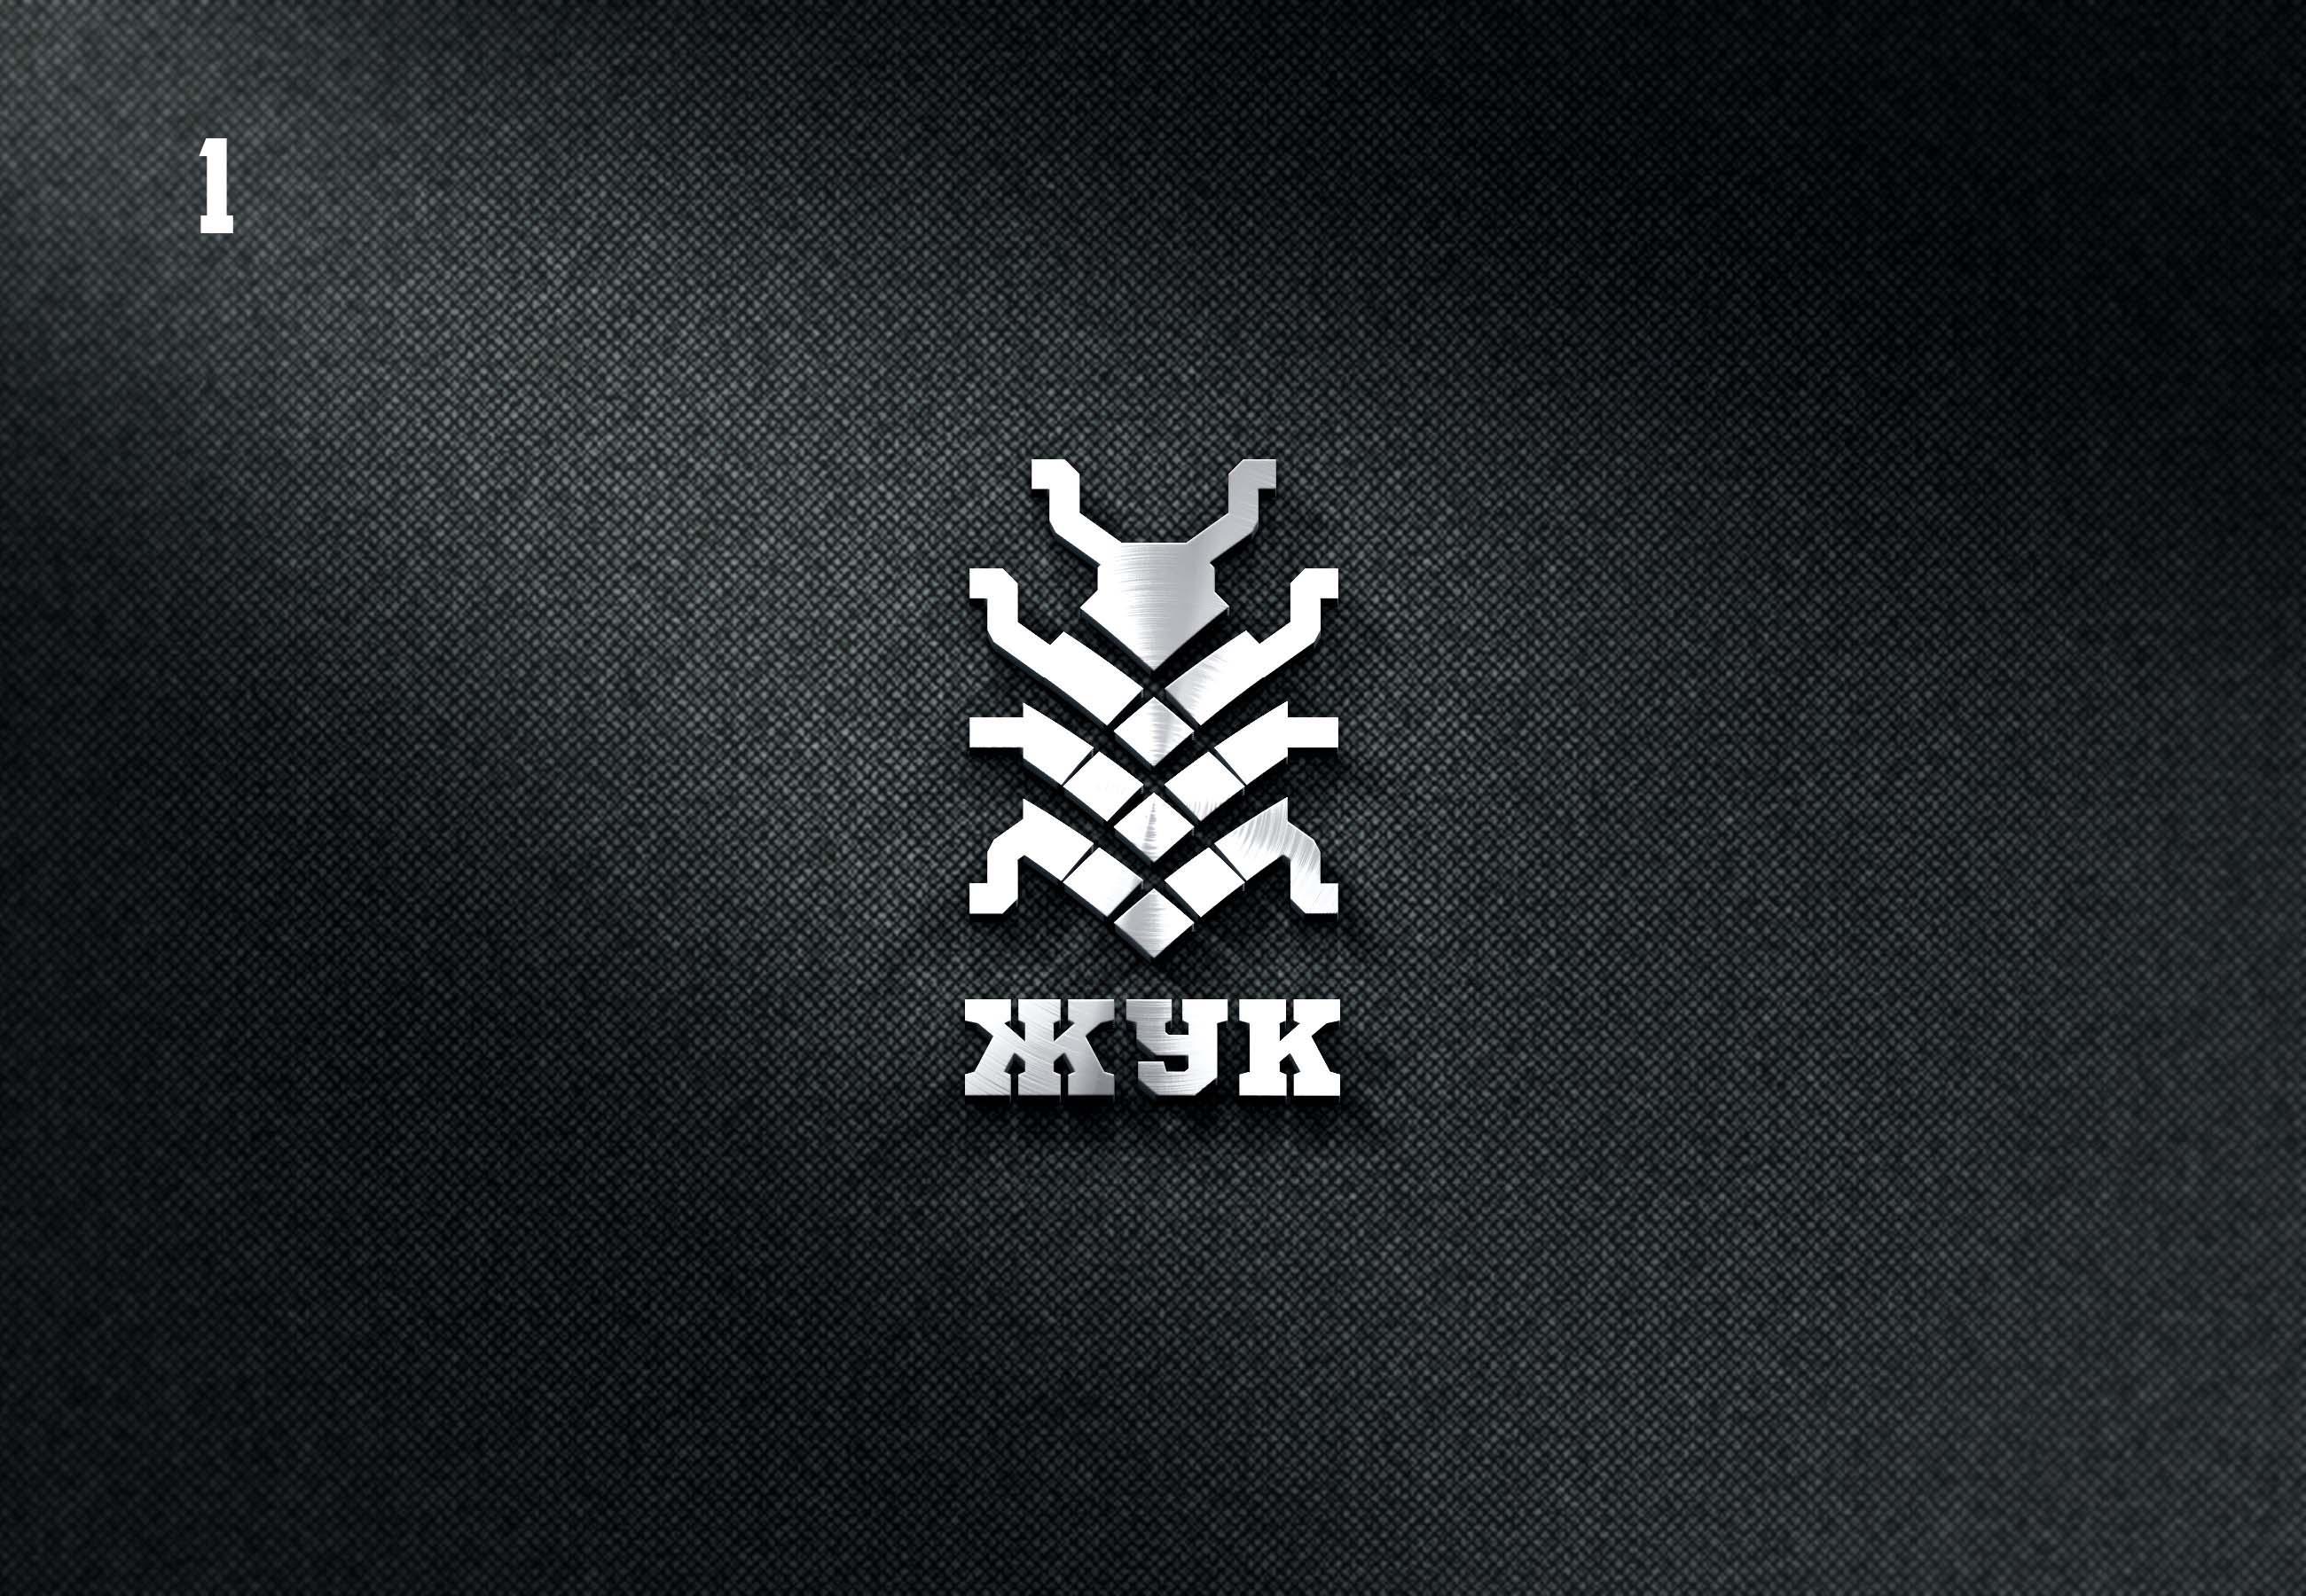 Нужен логотип (эмблема) для самодельного квадроцикла фото f_1065b10333460f86.jpg